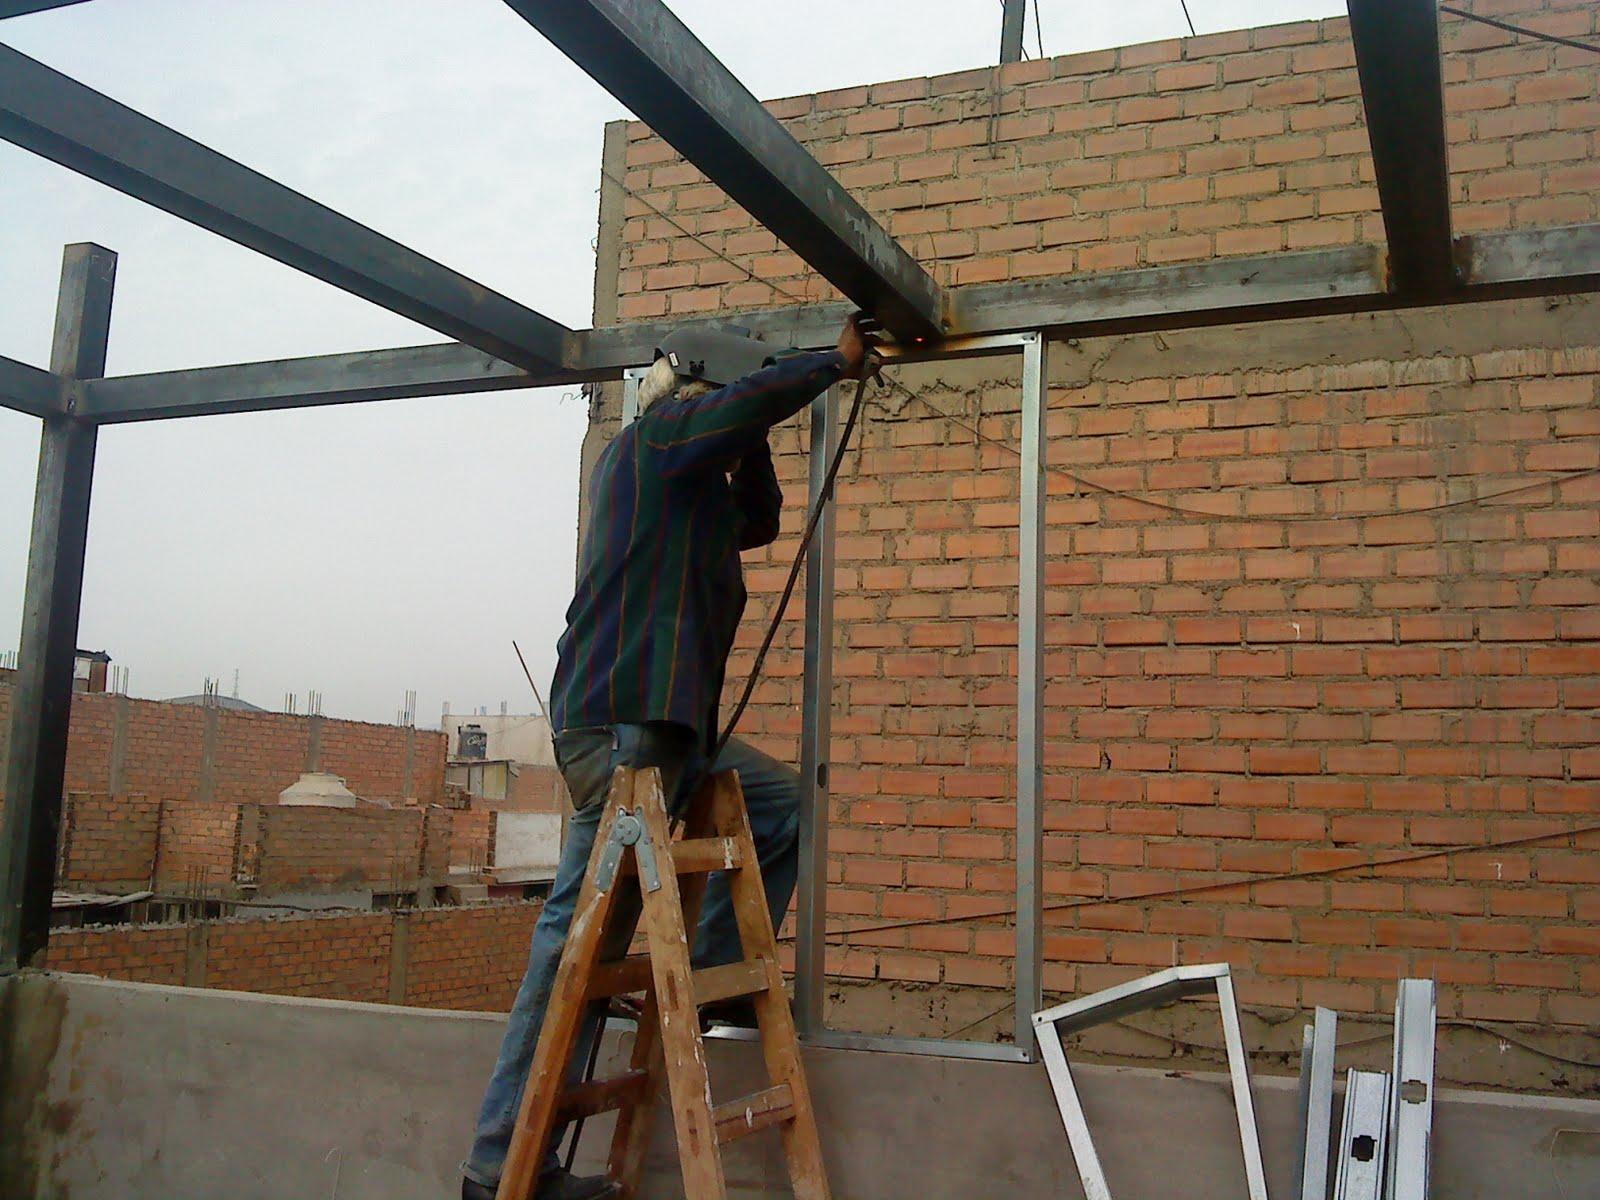 Edificaciones casas minidepartamentos drywall smp - Estructuras metalicas para casas ...